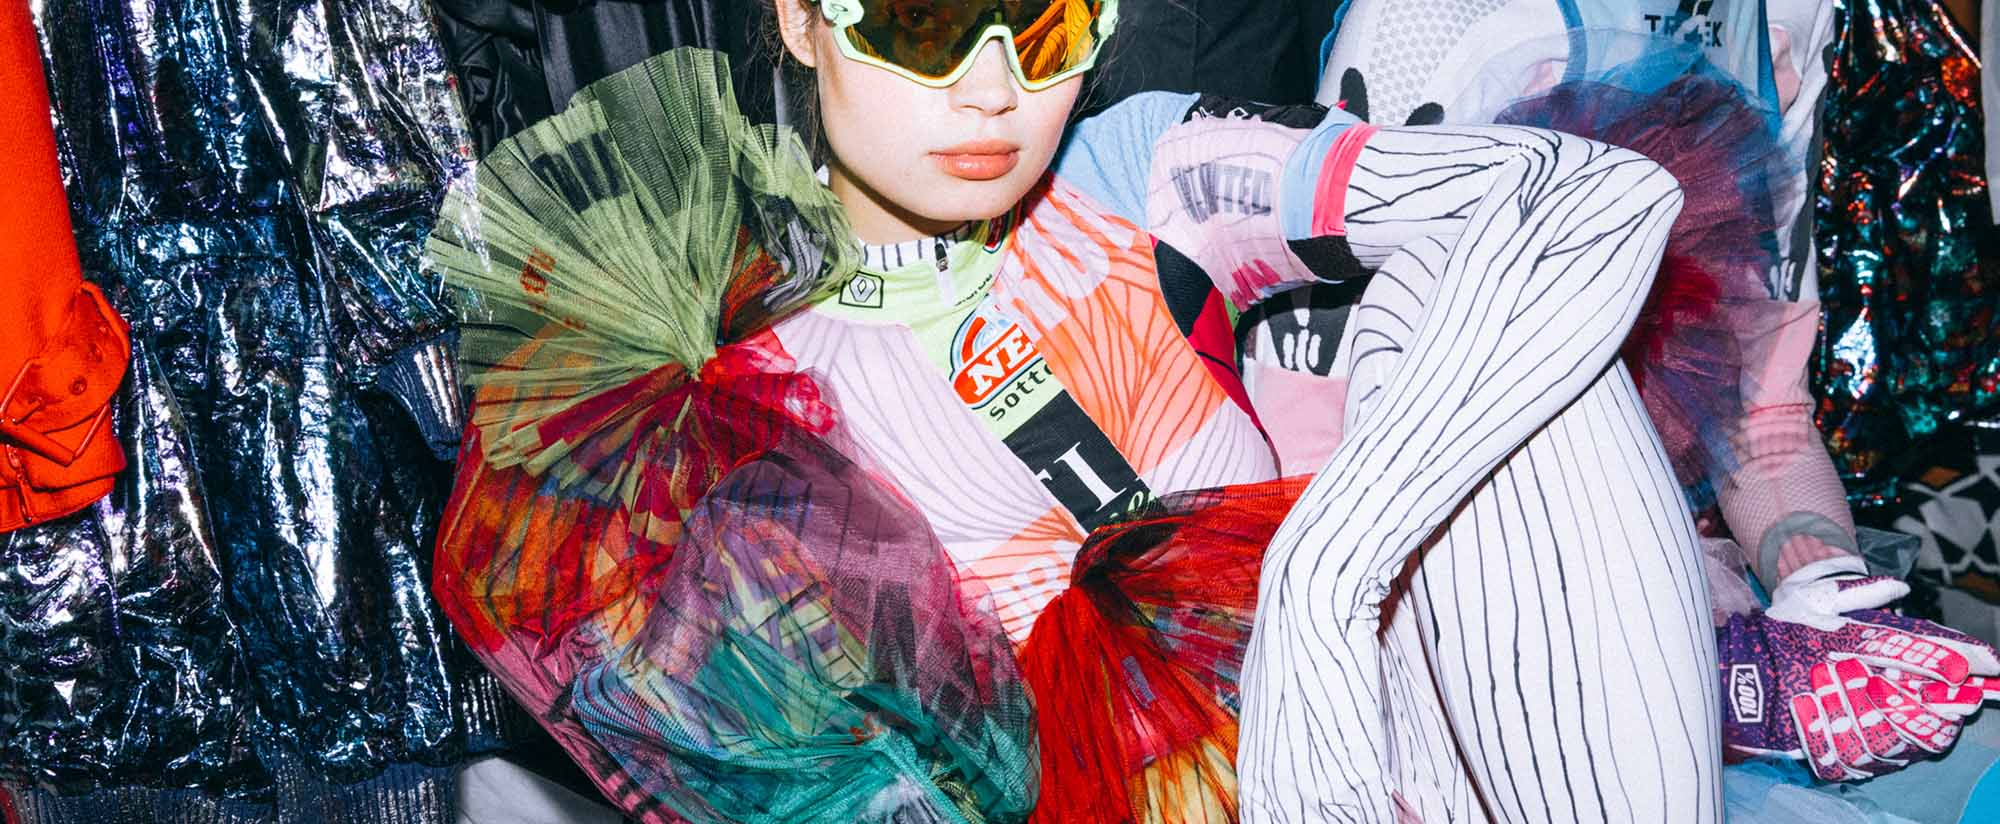 אופנה, חדשות אופנה, כתבות אפנה, שנקר 2019, שנקר 2019. הילה כהן. צילום: עדי סגל